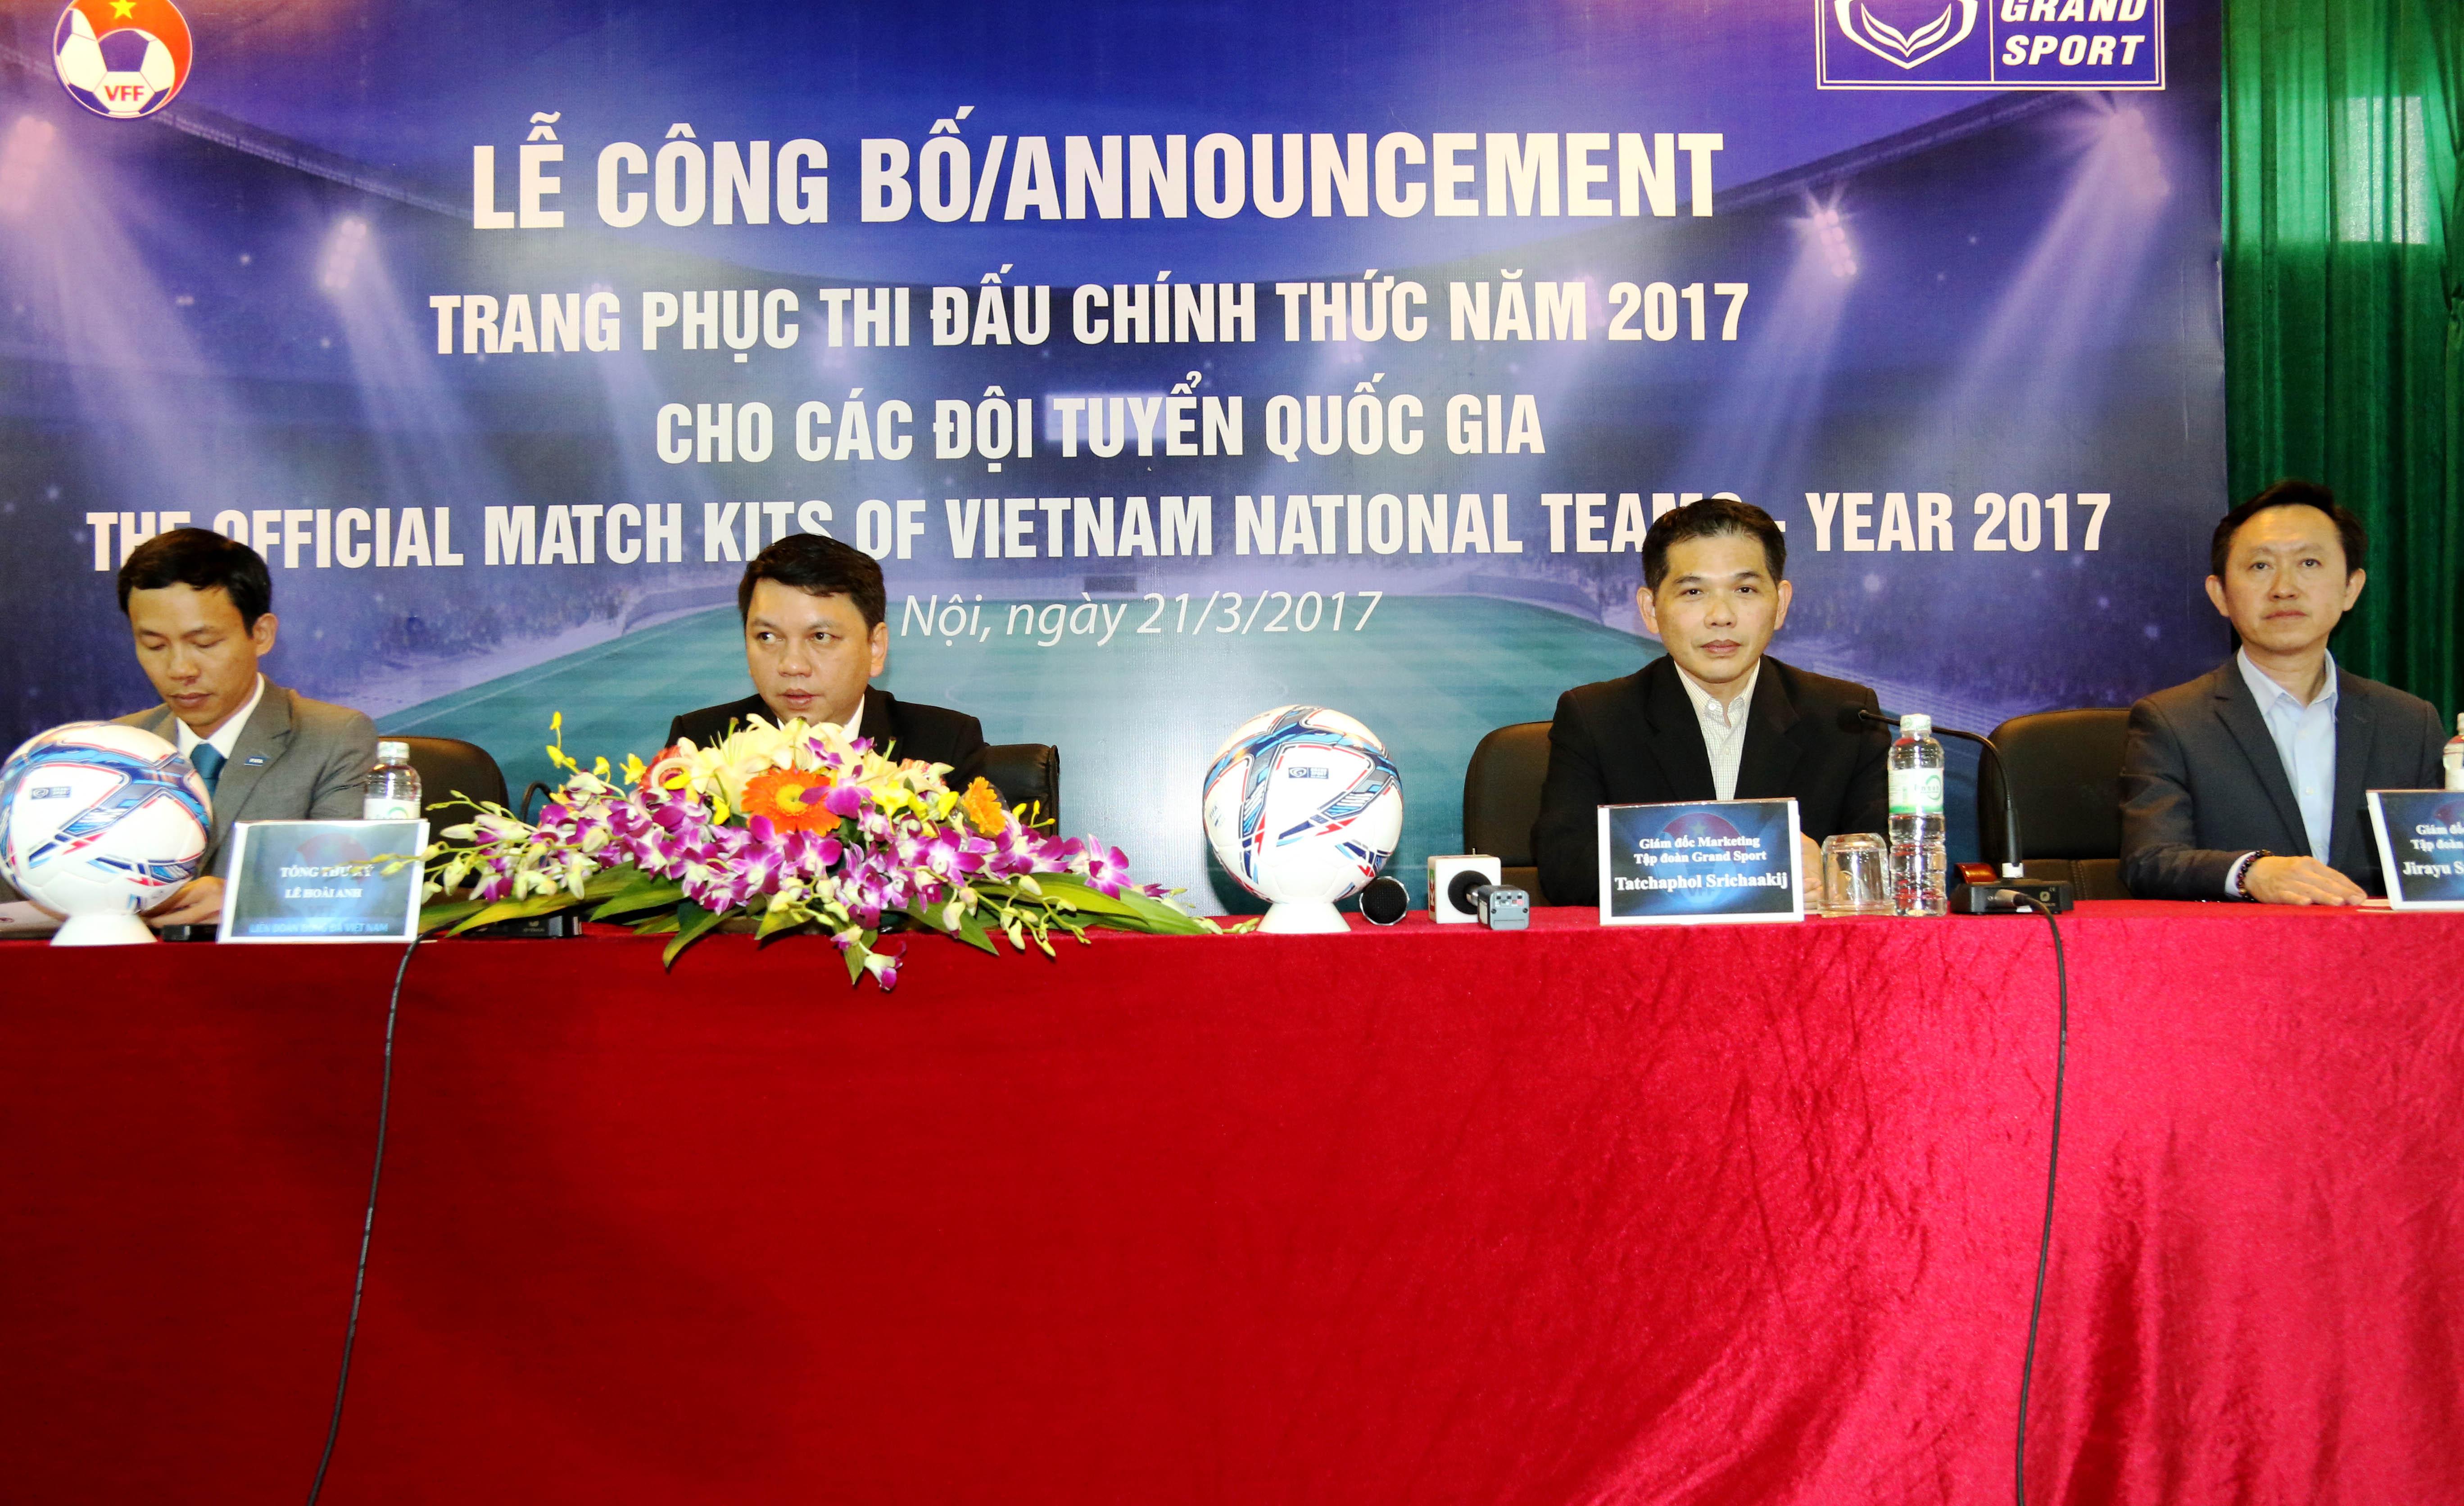 Chùm ảnh tại Lê công bố trang phục thi đấu chính thức năm 2017 cho các đội tuyển Quốc Gia